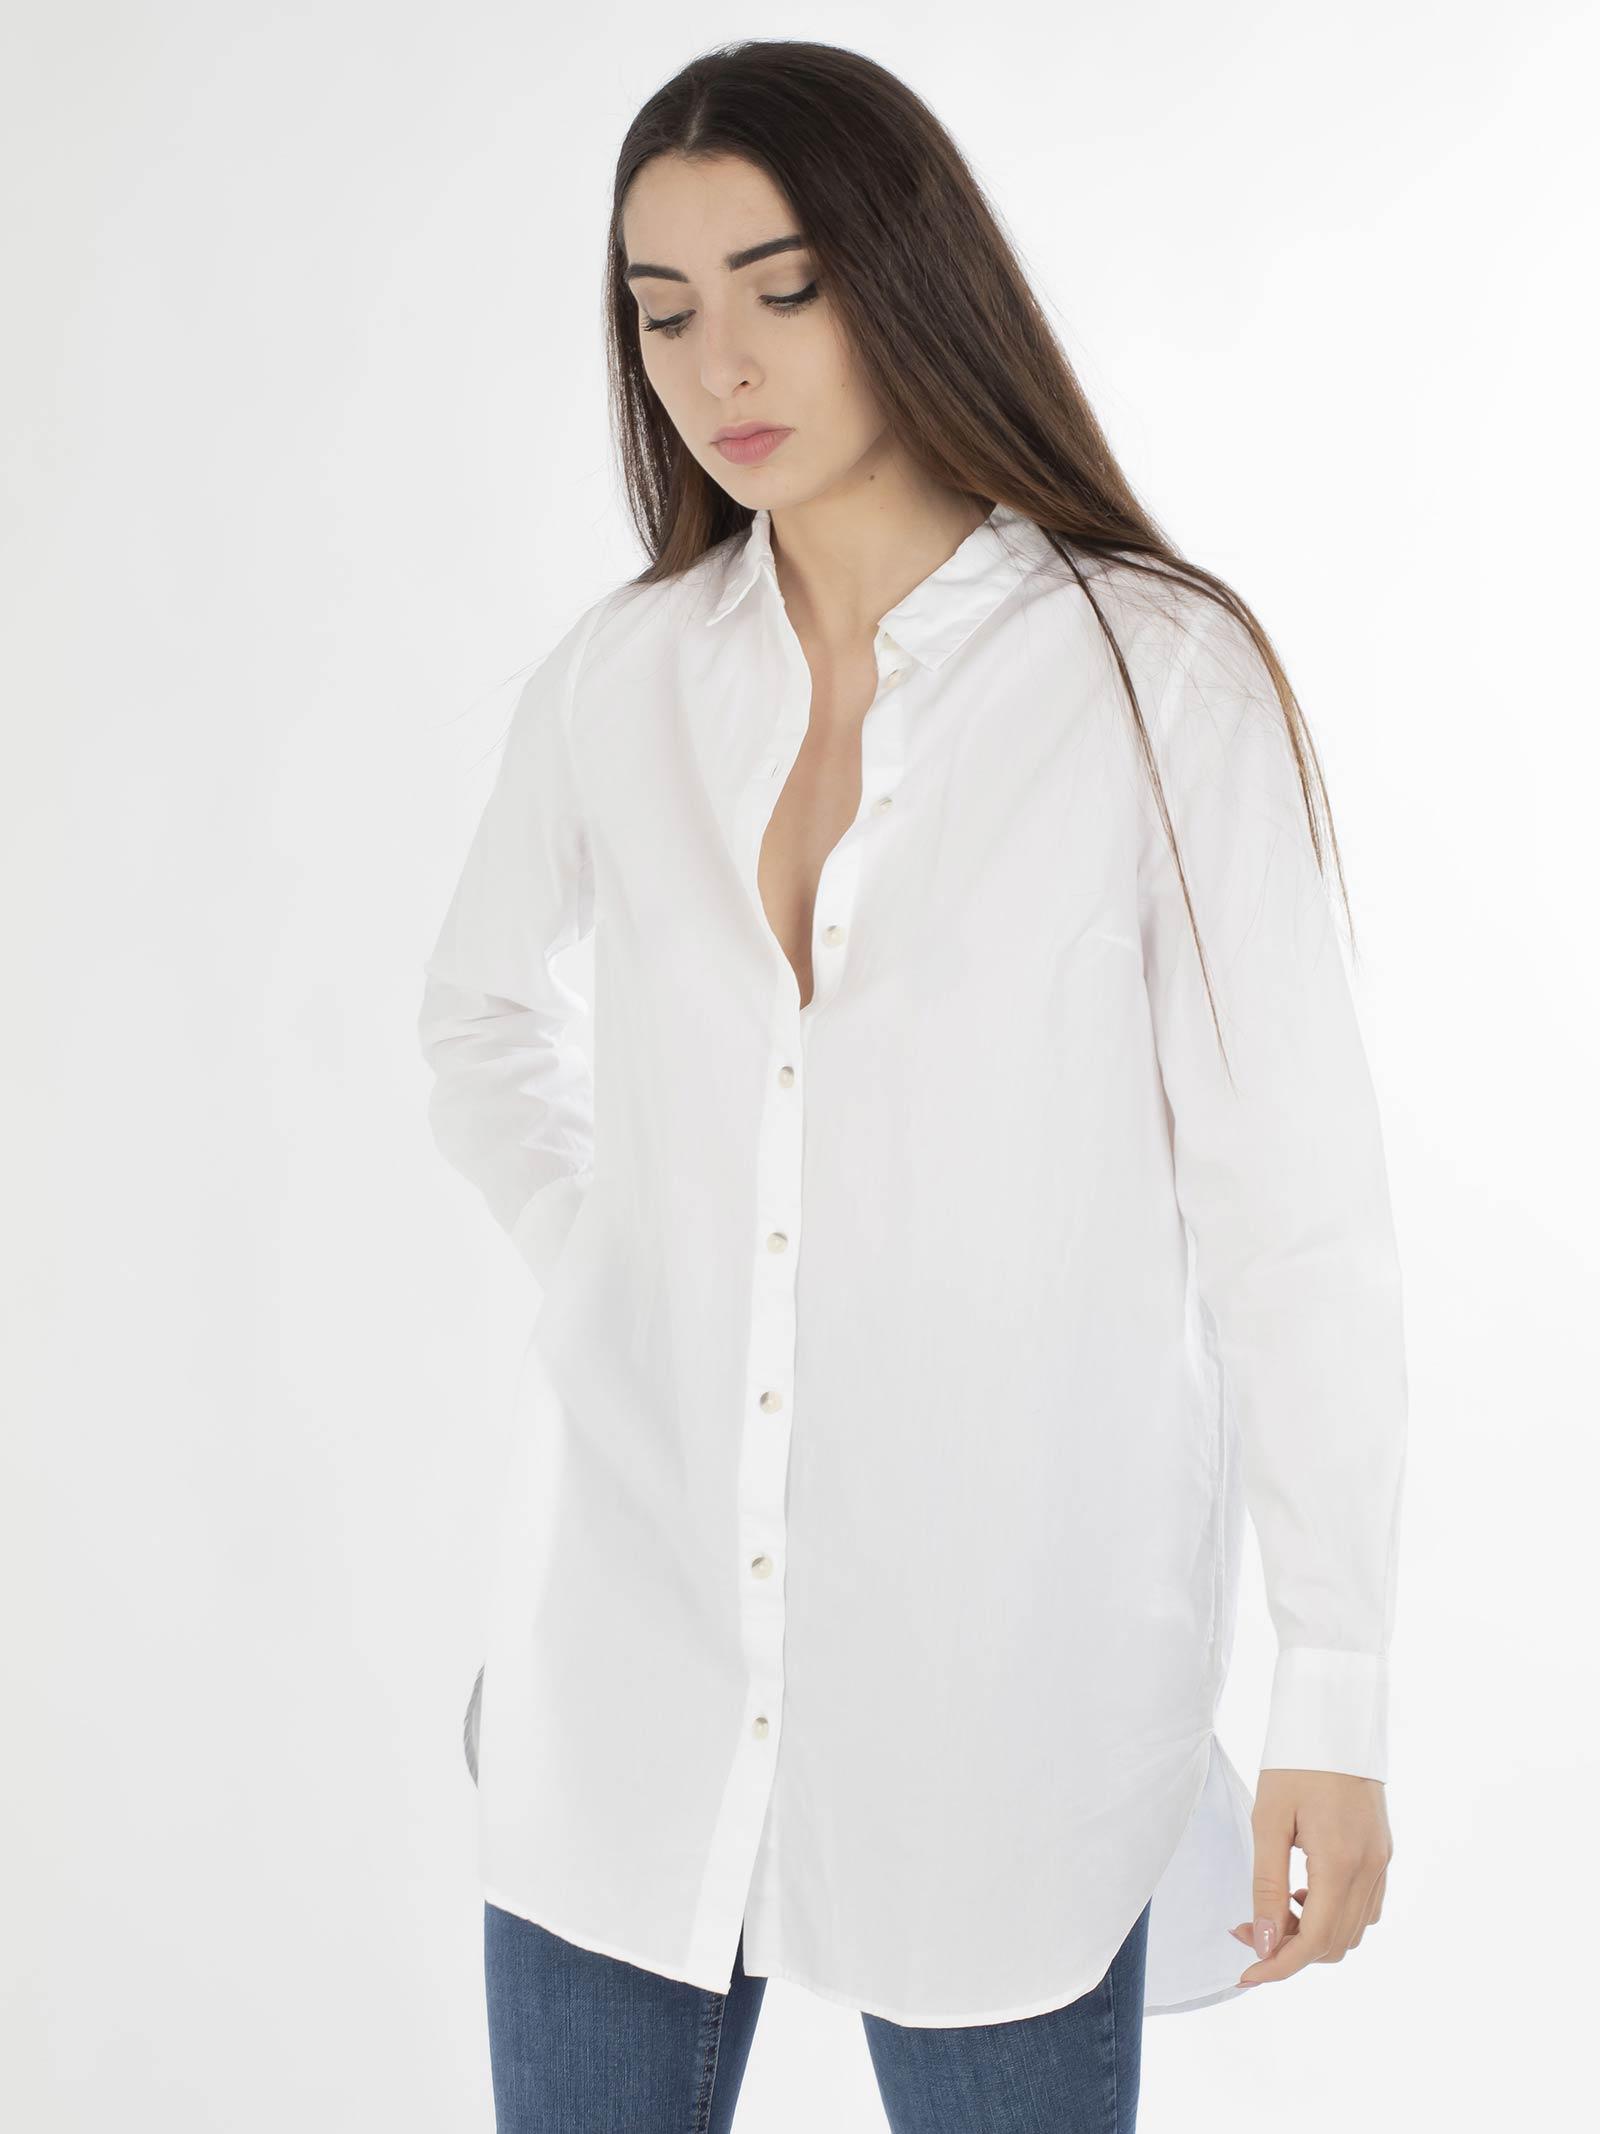 PIECES | Shirts | 17101891BIANCO